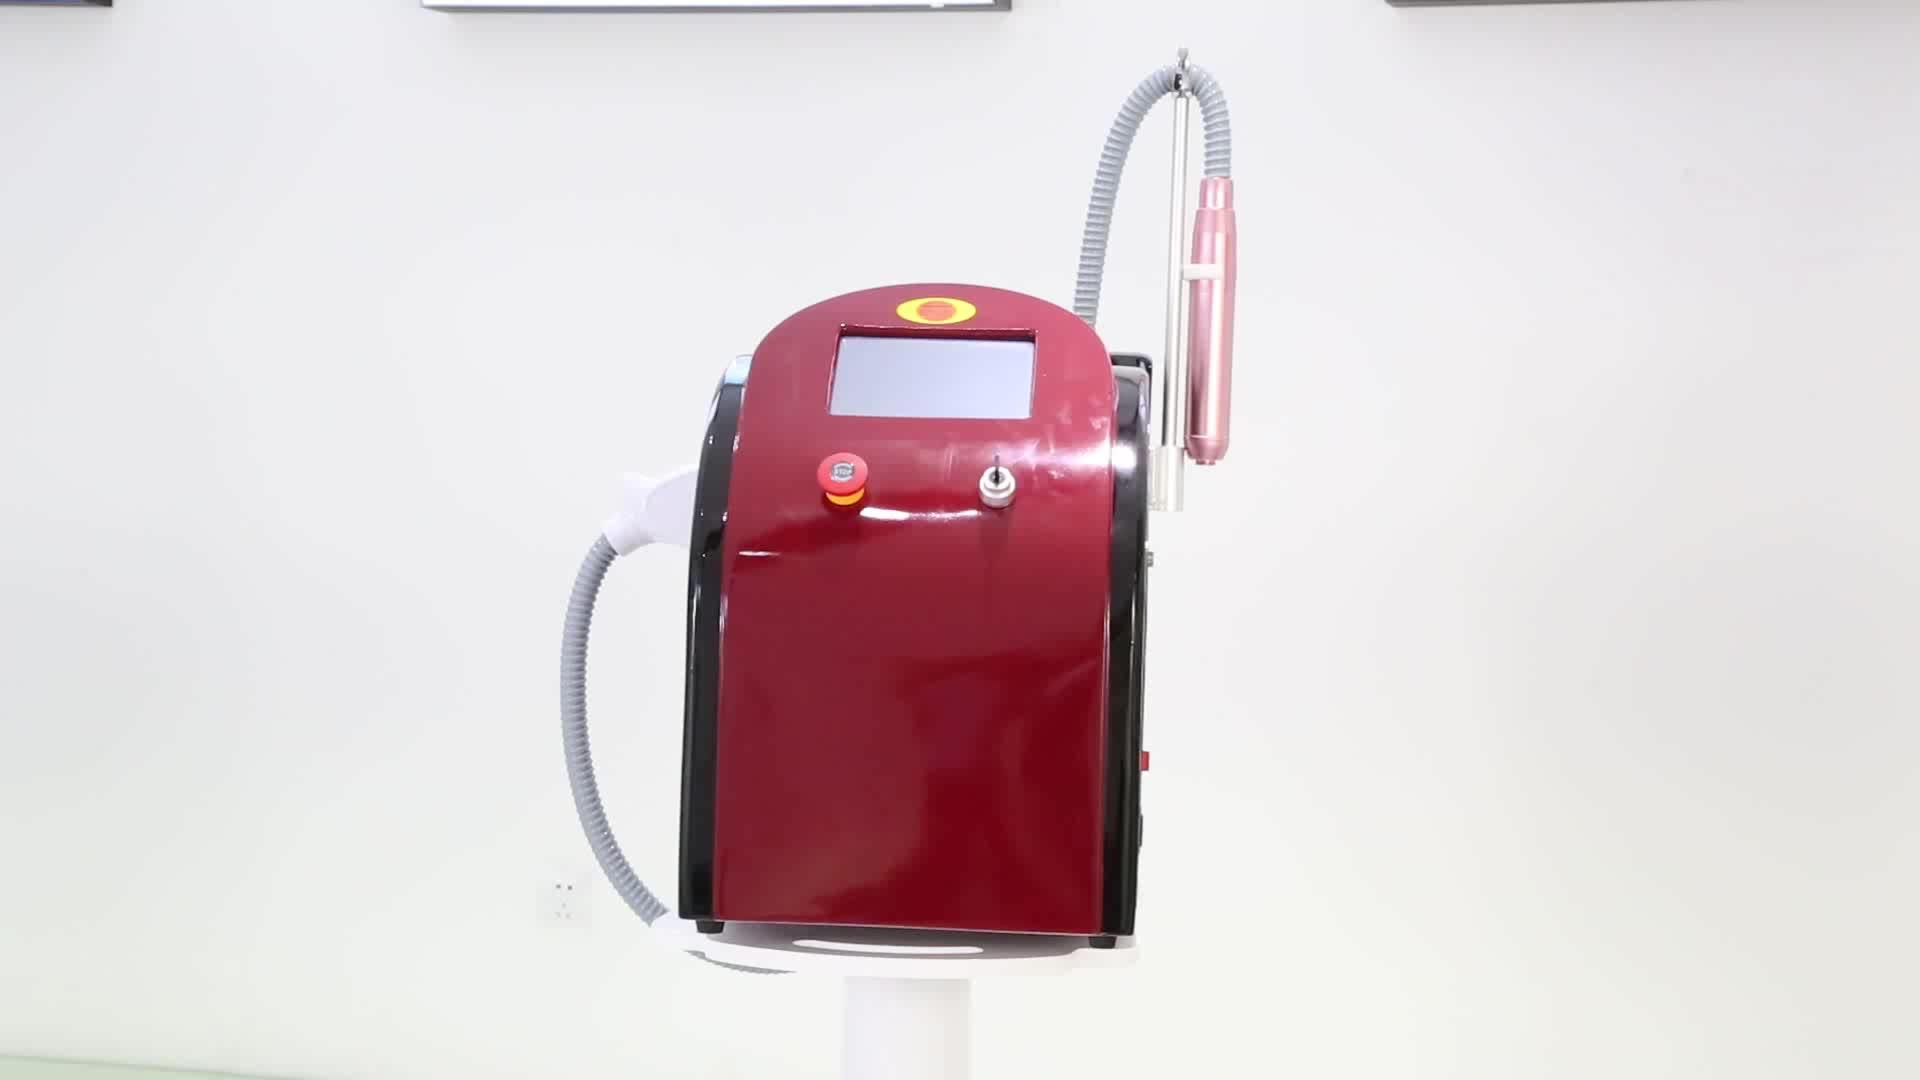 Xách tay picosecond máy laser q switched nd yag laser loại bỏ hình xăm máy giá